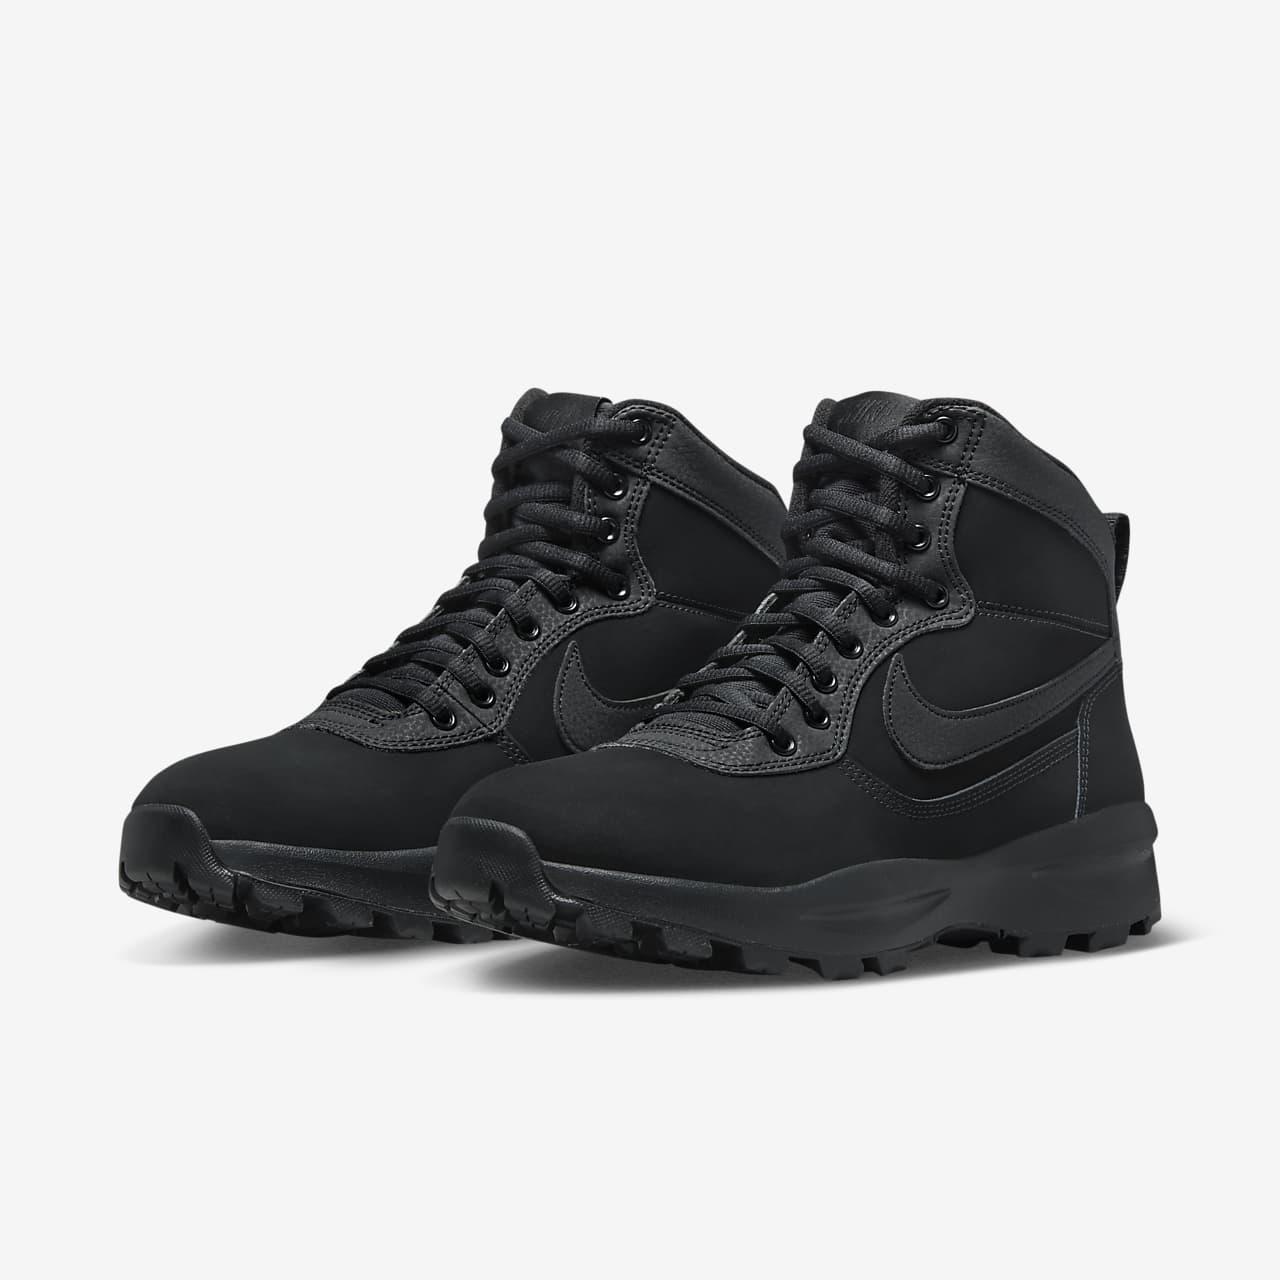 Nike Hombres Domos Boots Hombres Domos Hombres Ir Una Rojo De Salud fb207f